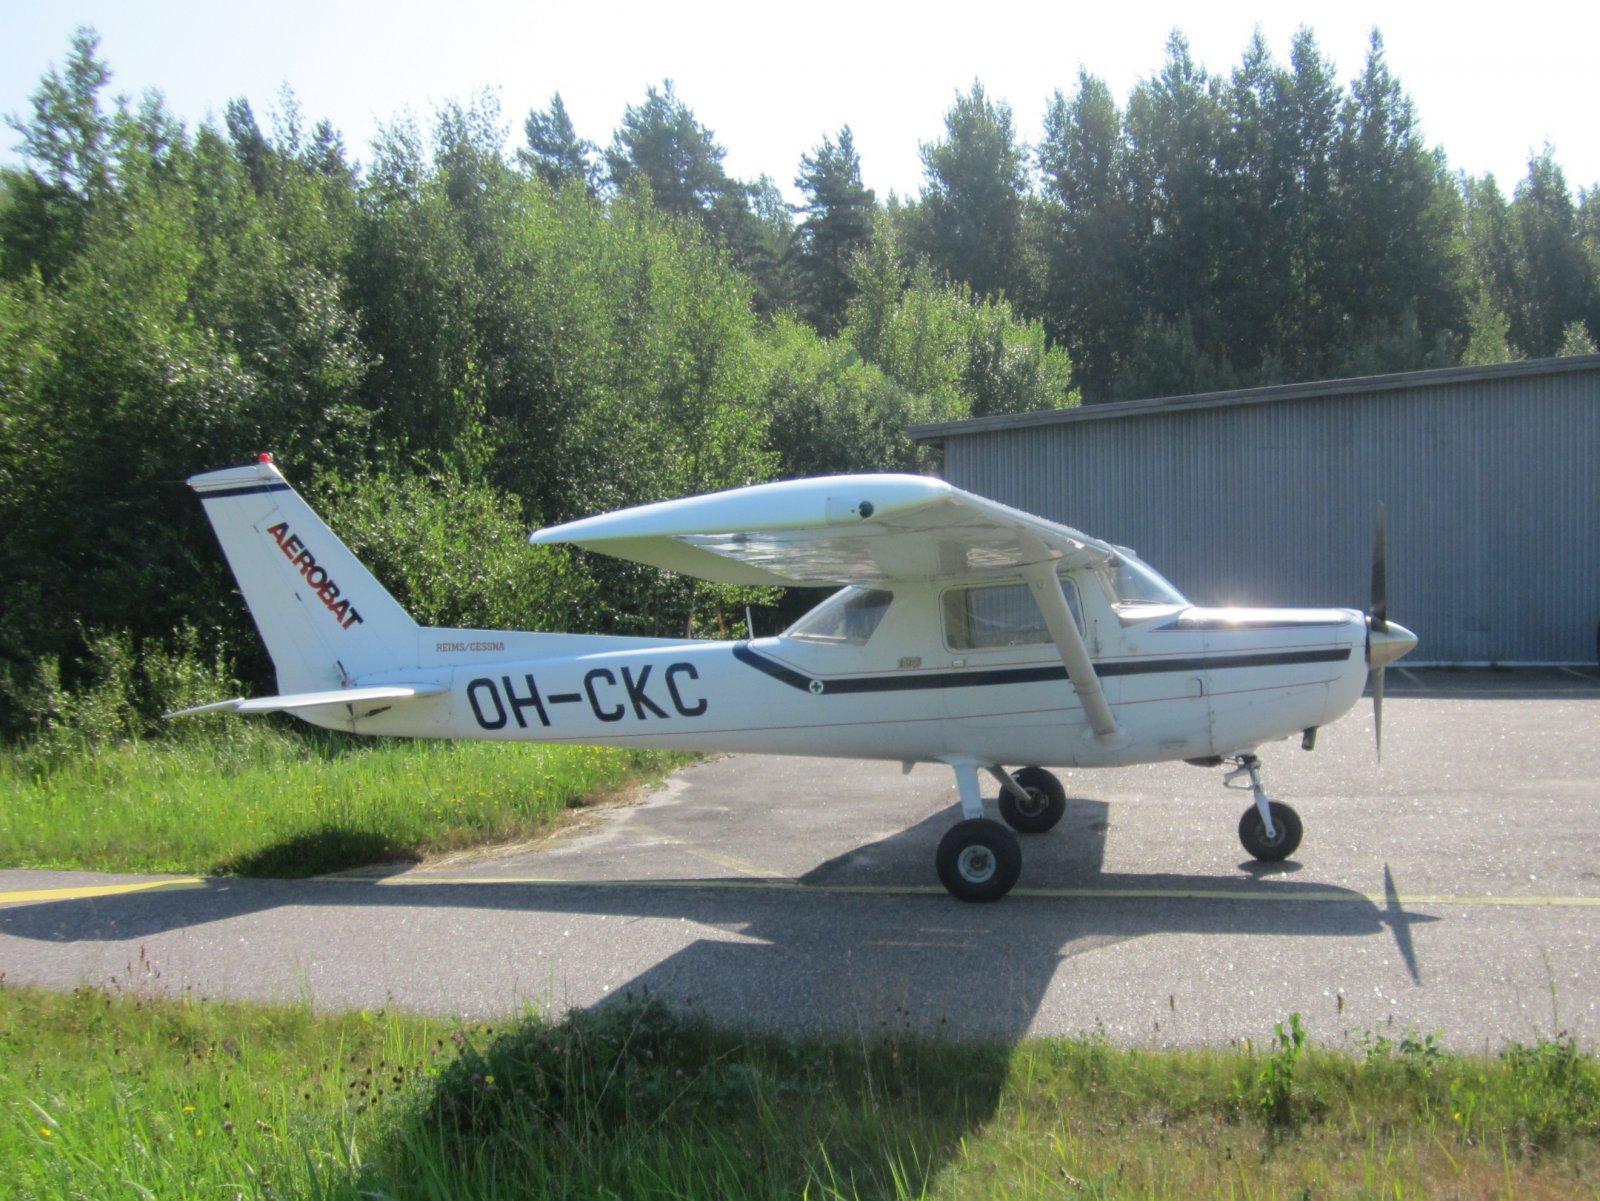 Reims-Cessna FA152 Aerobat OH-CKC EFHN 2014-07-30